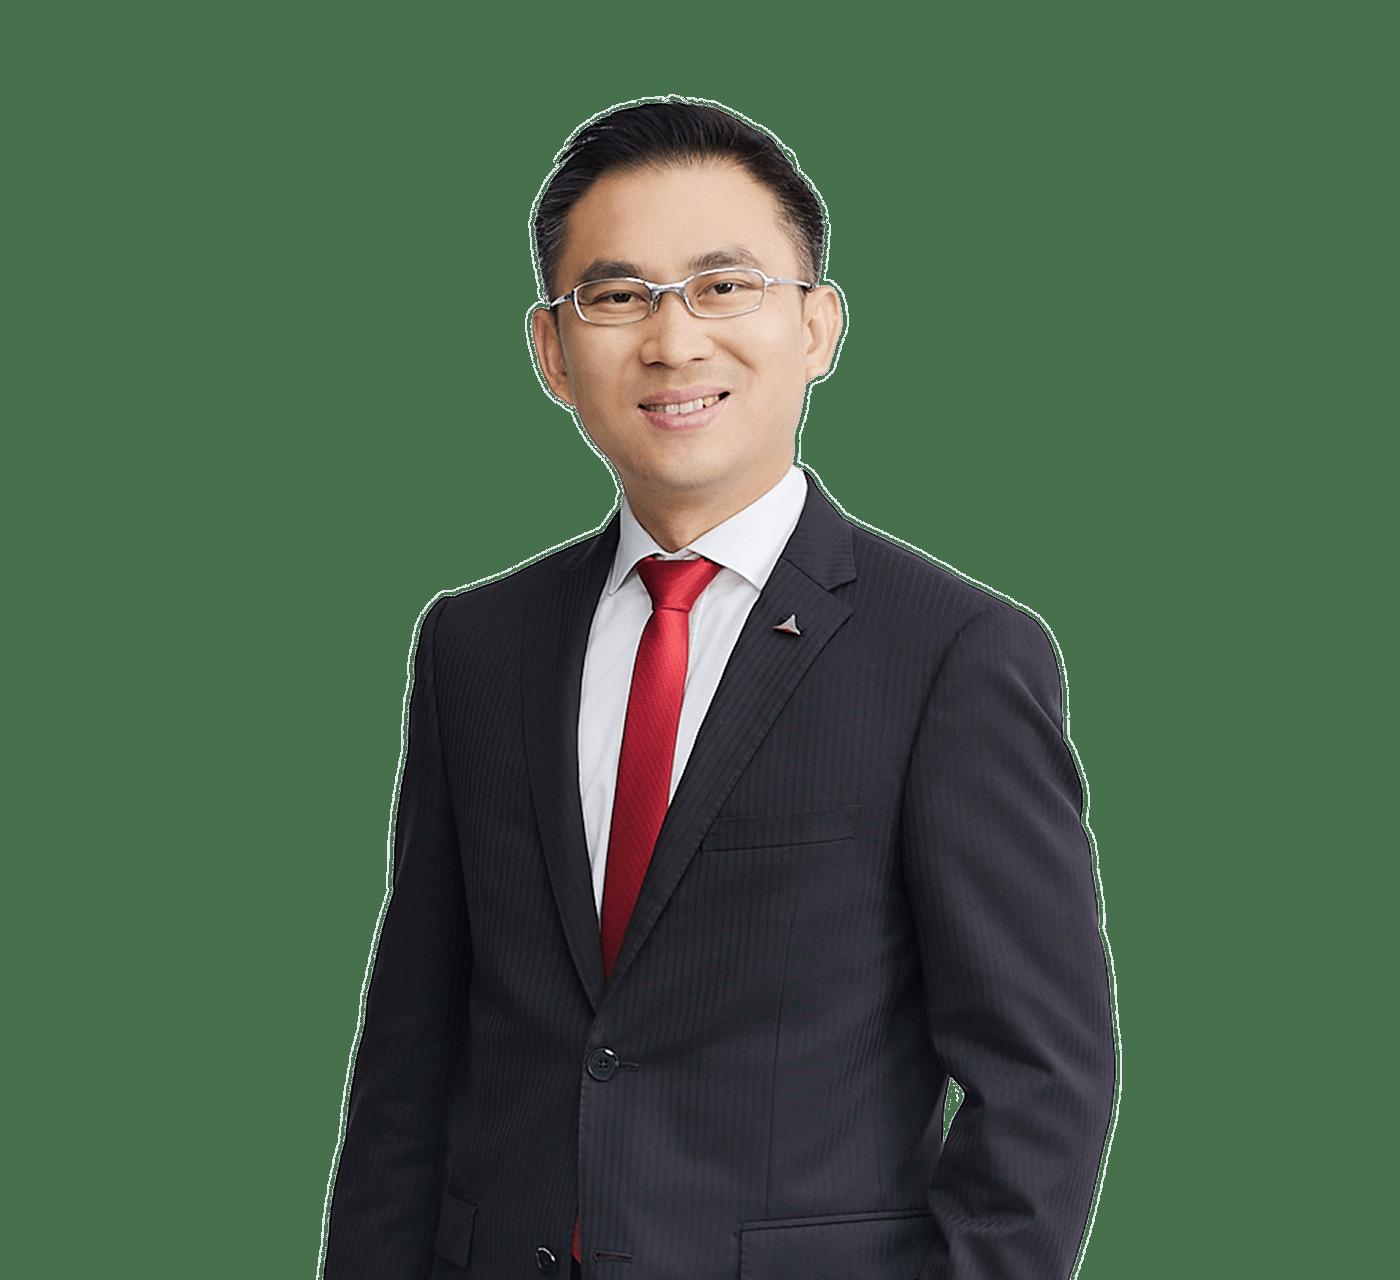 ดร. ไพฑูรย์ วงศาสุทธิกุล